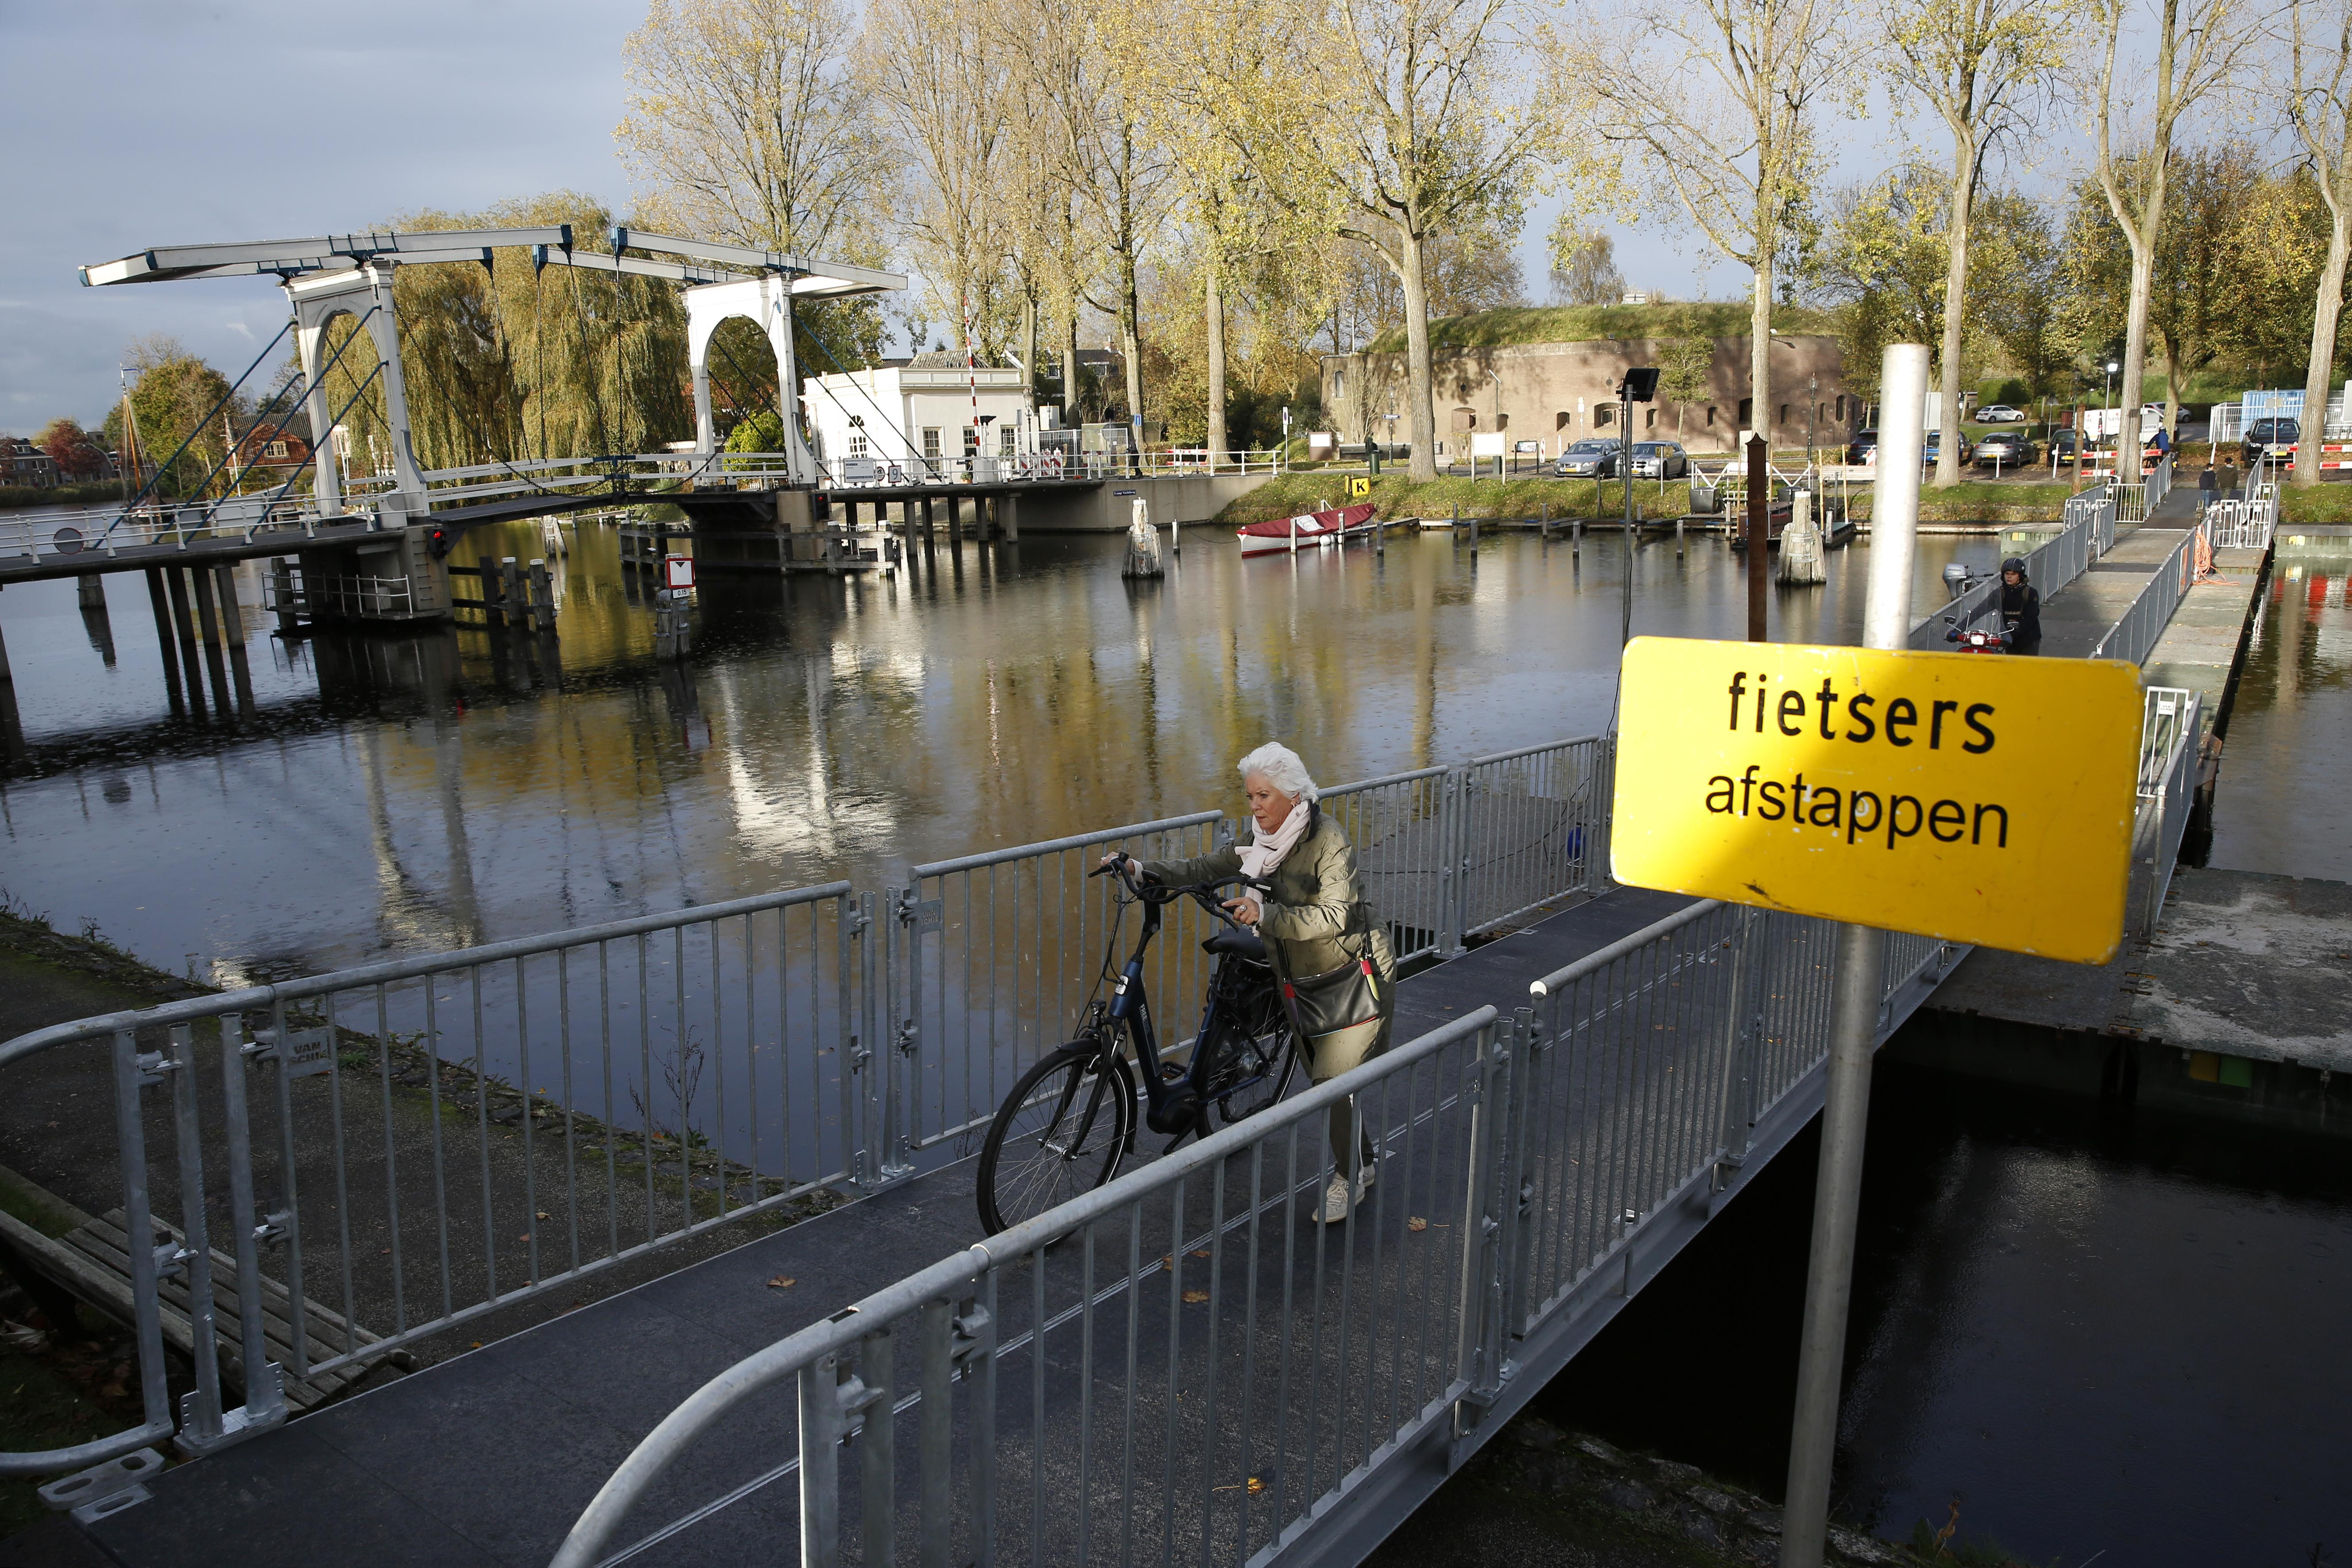 Monumentale Lange Vechtbrug in Weesp krijgt onderhoud. Tijdelijke pontonbrug voor langzaam verkeer, brandweer moet omrijden